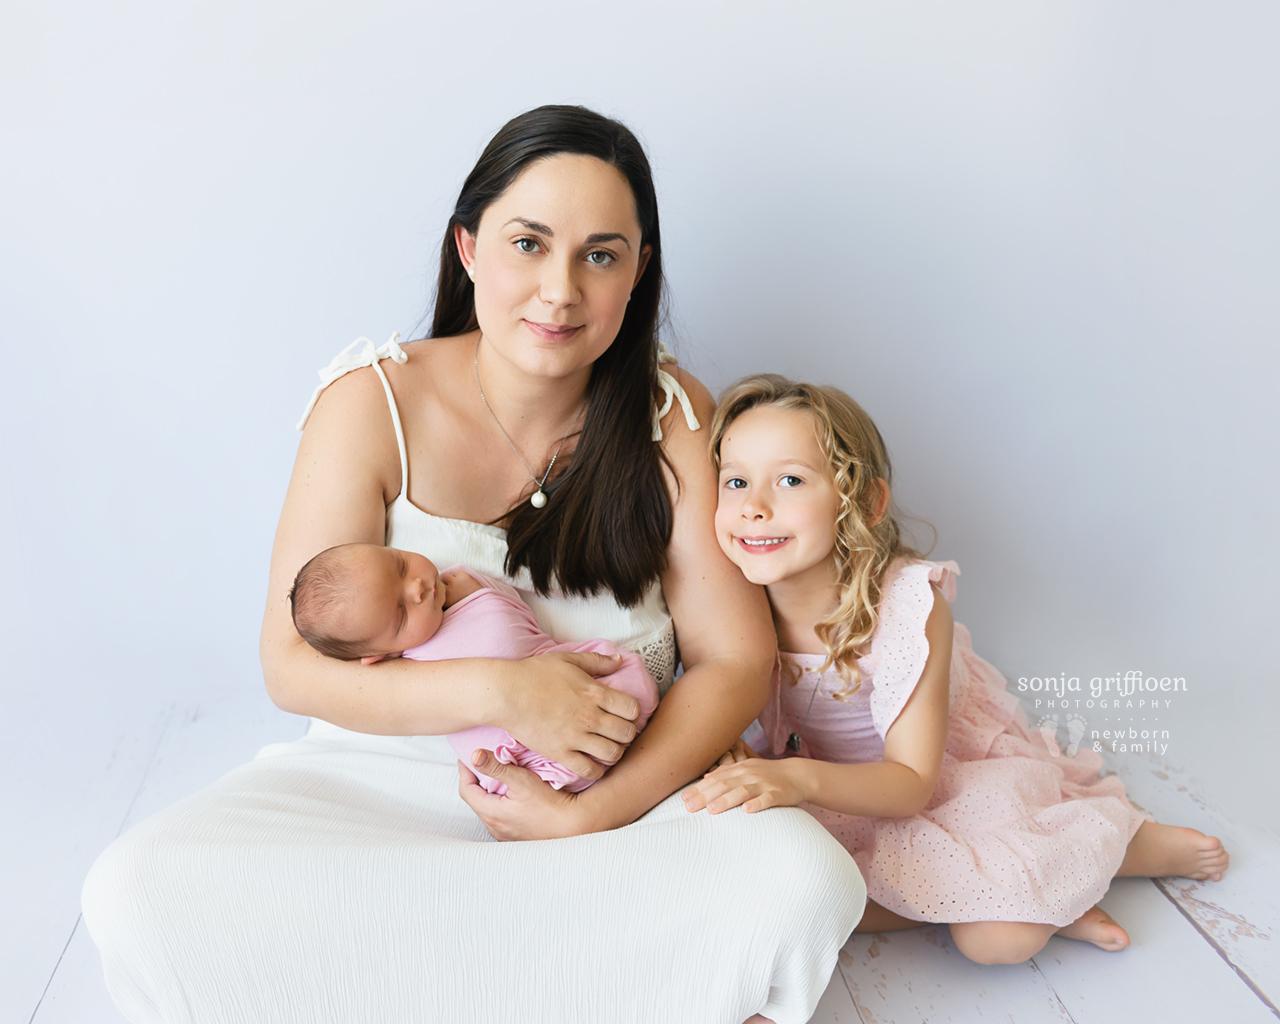 Indie-Newborn-Brisbane-Photographer-Sonja-Griffioen-04.jpg